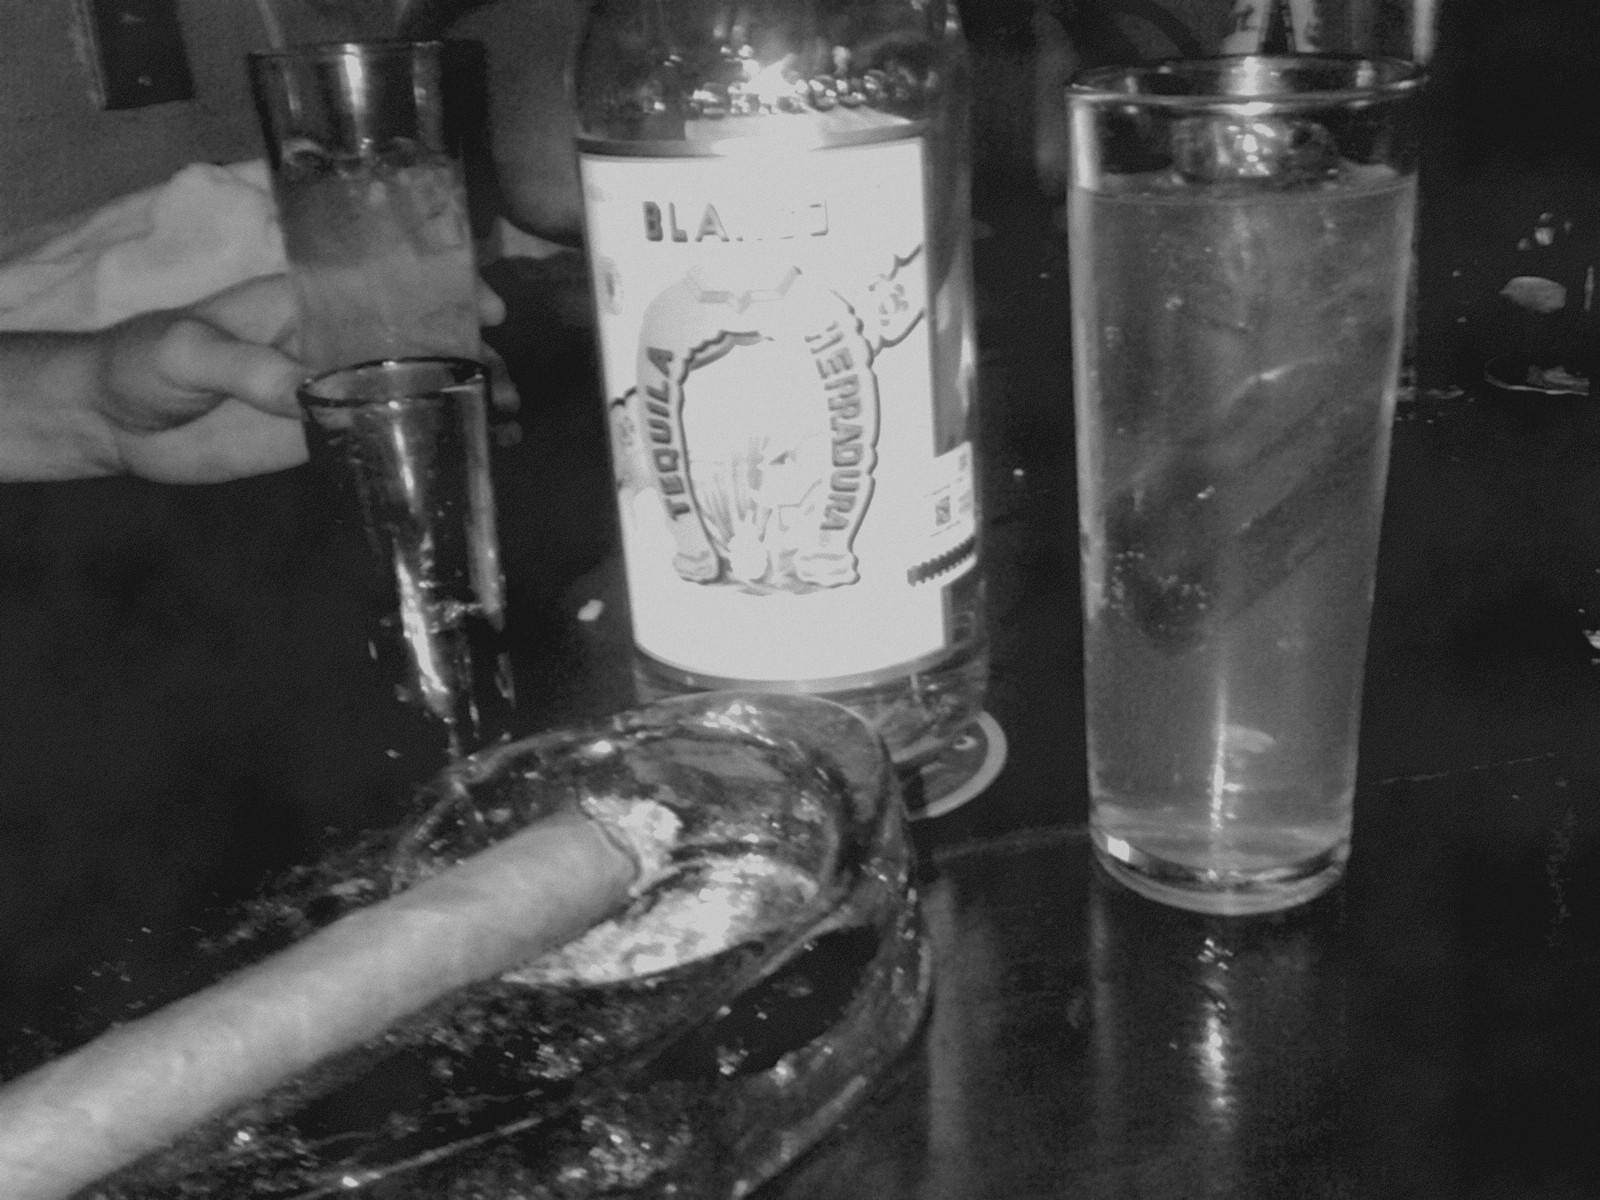 Tequila Blanco y Puro